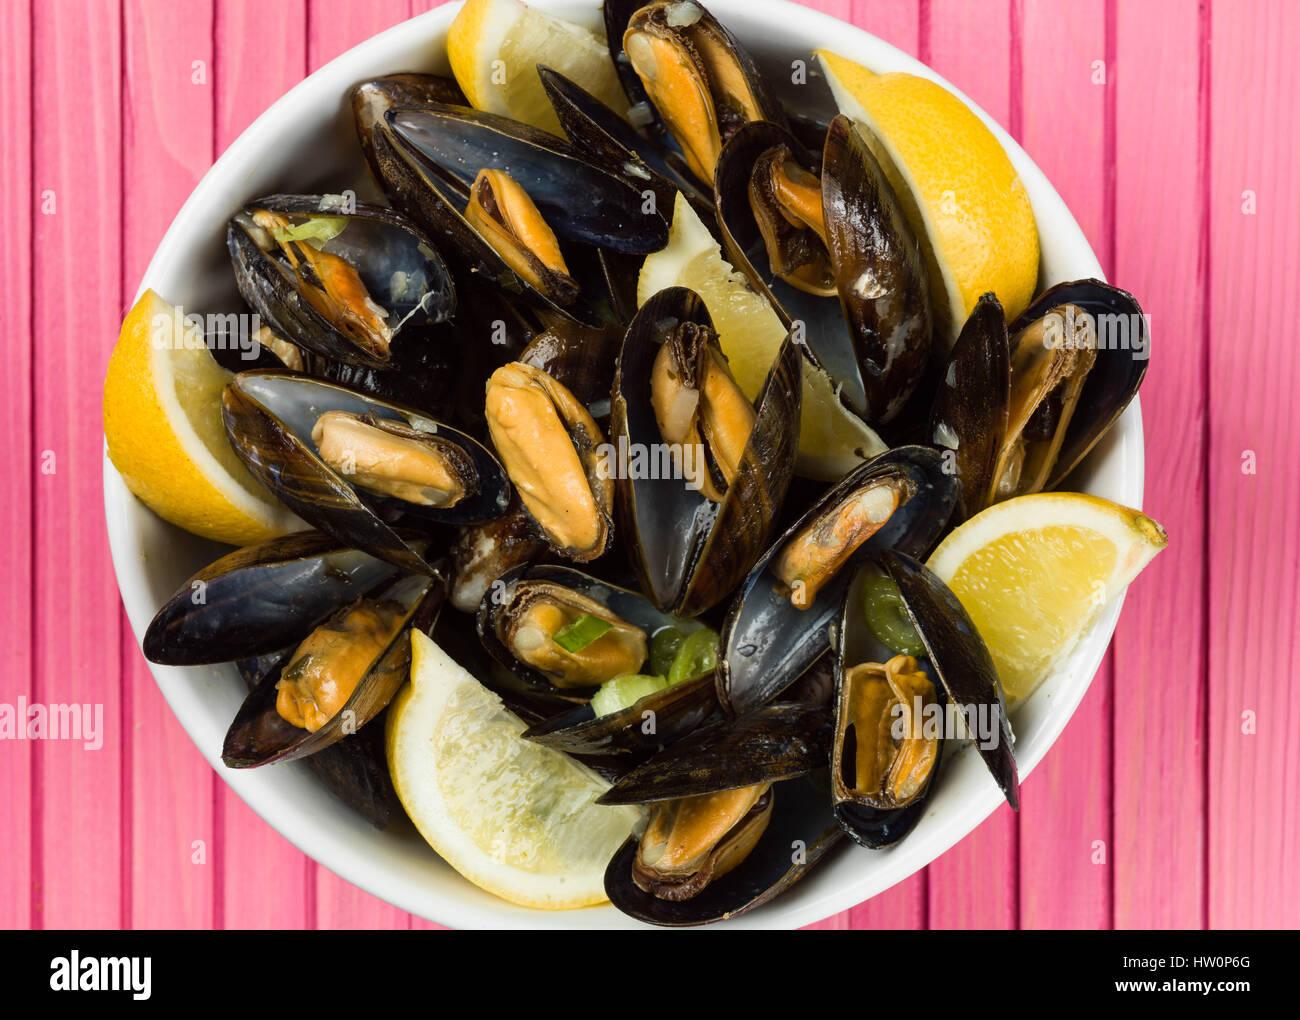 Cuerda de mejillones cultivados en una salsa de ajo y chalota con rodajas de limón Foto de stock